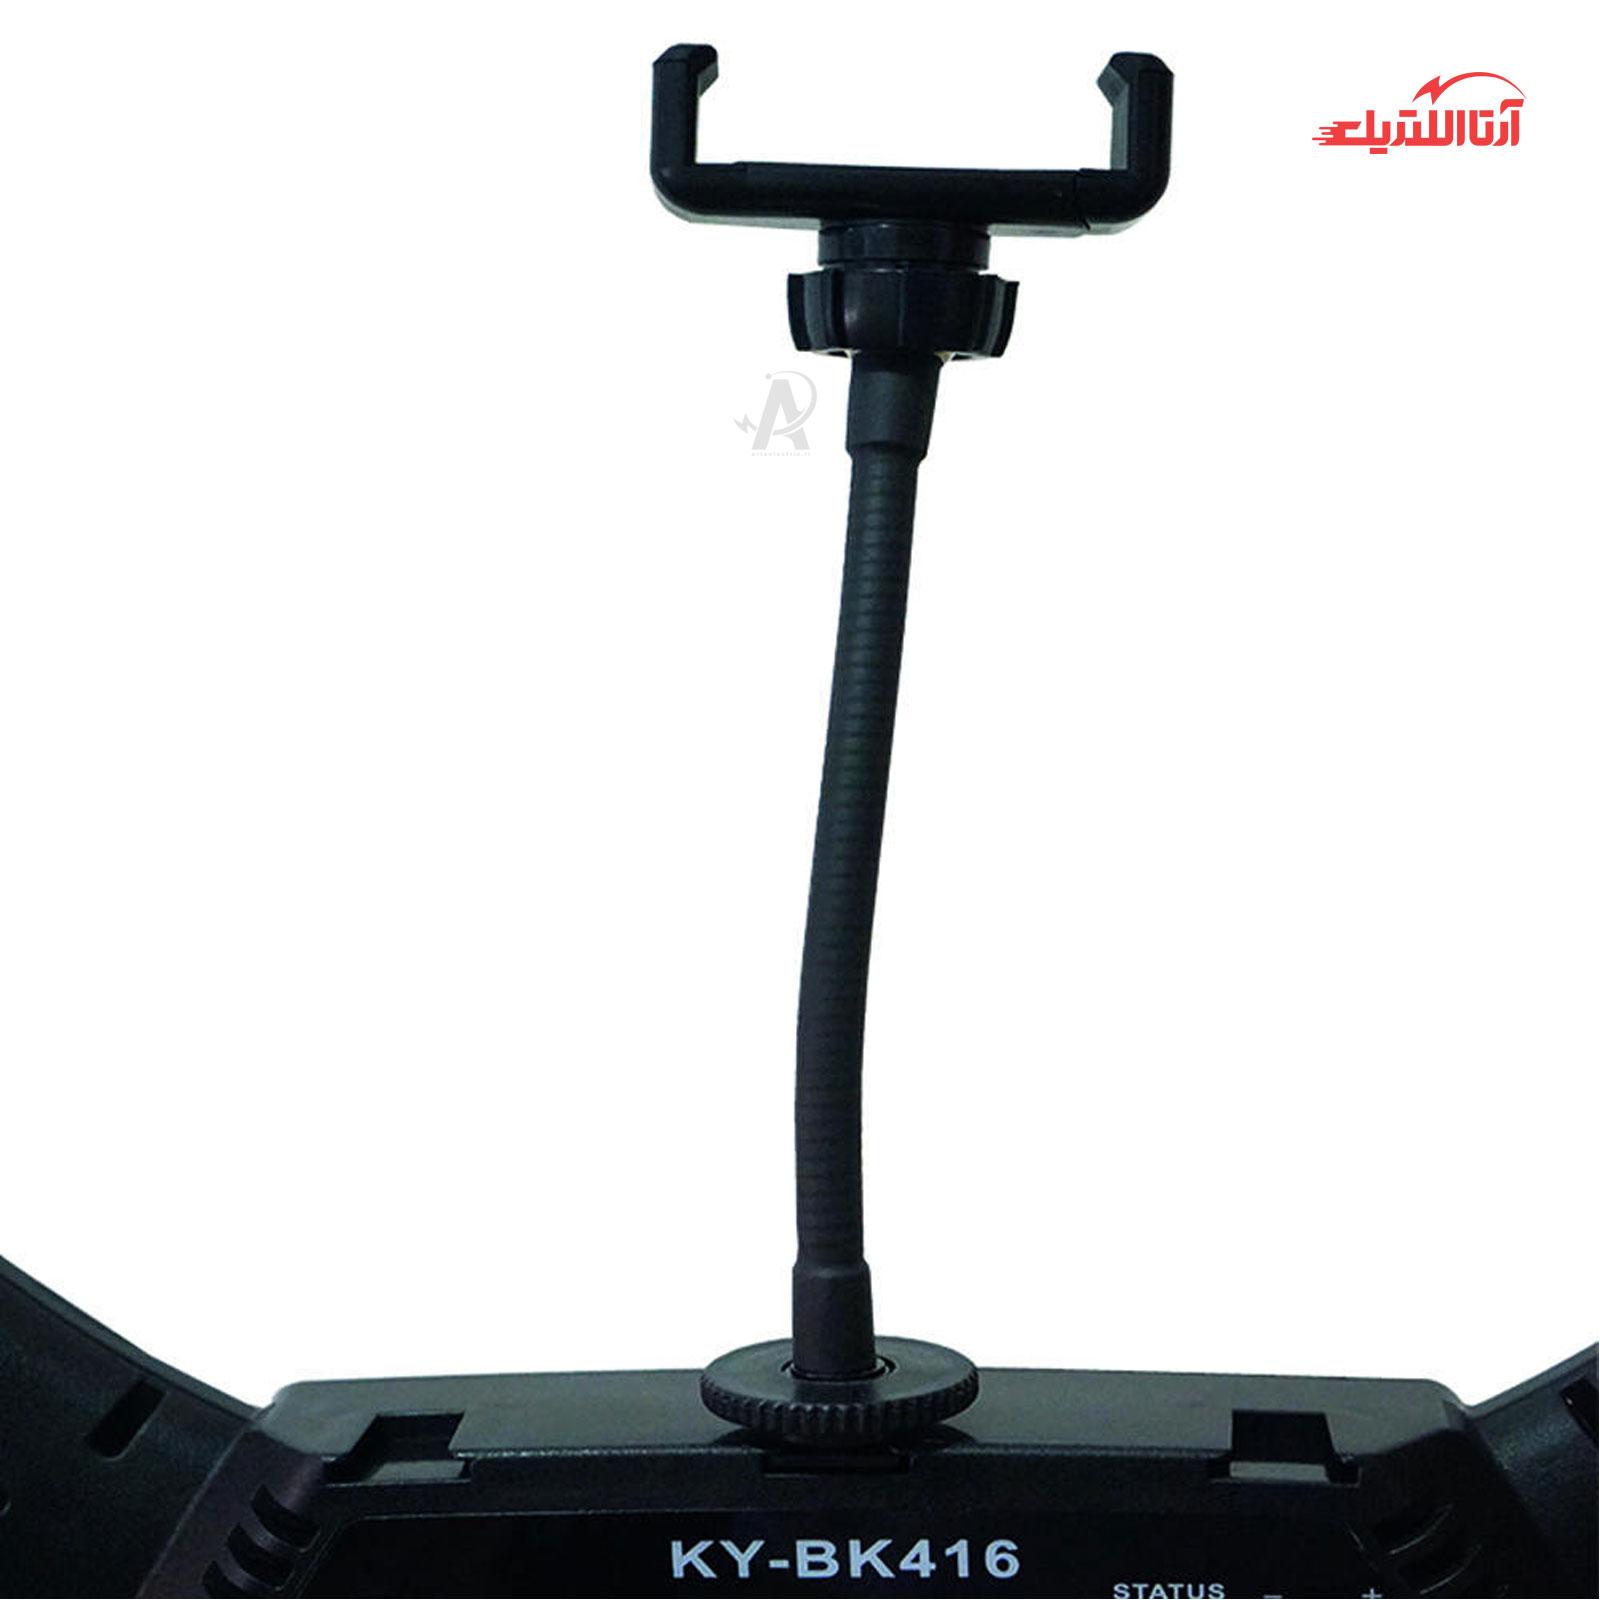 رینگ لایت مدل KY-BK416 با پایه و LCD و توان 96 وات